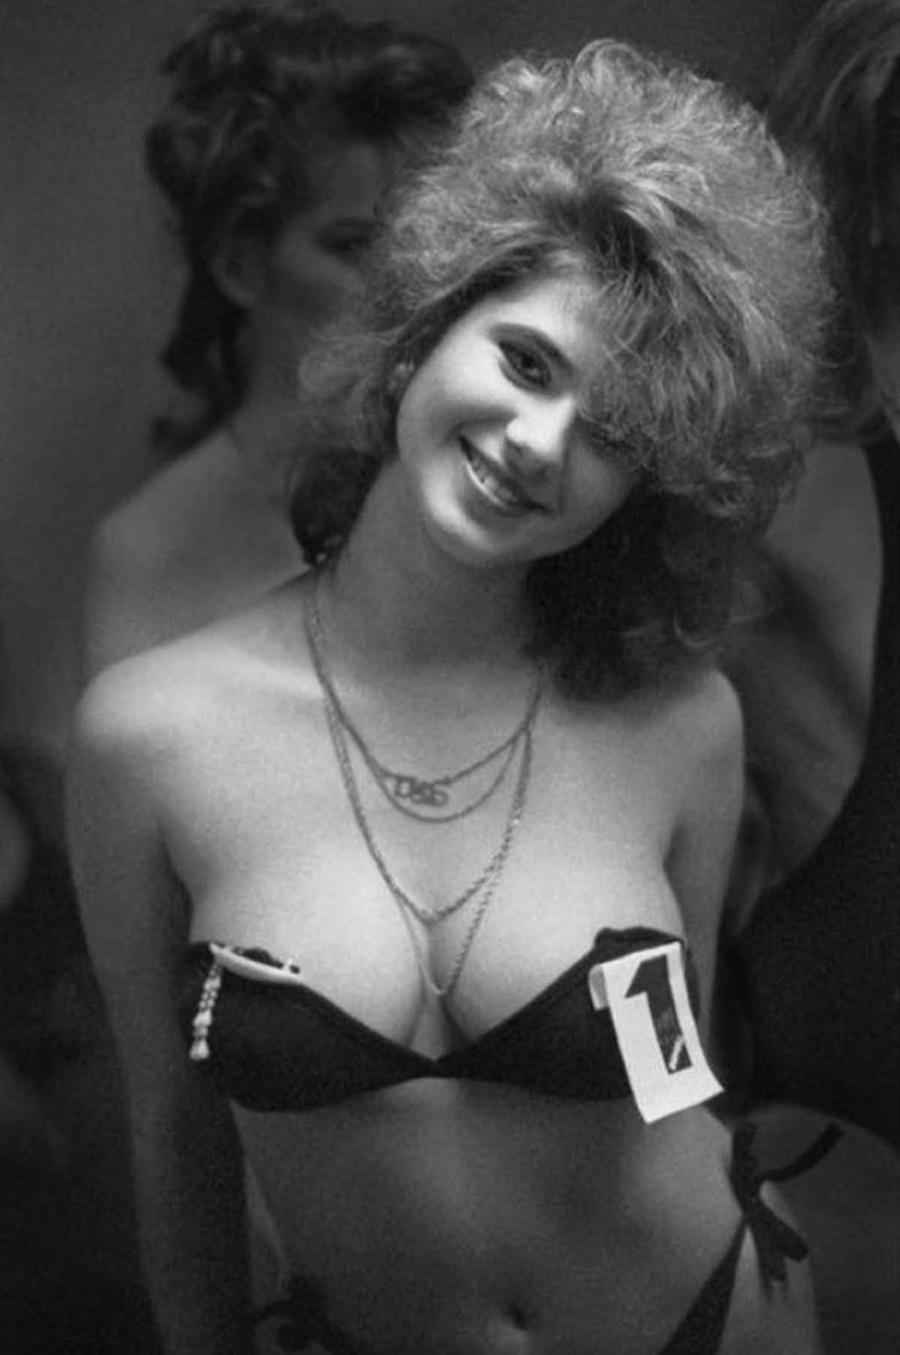 Тази усмихната дама показва една типична прическа за 80-те години.